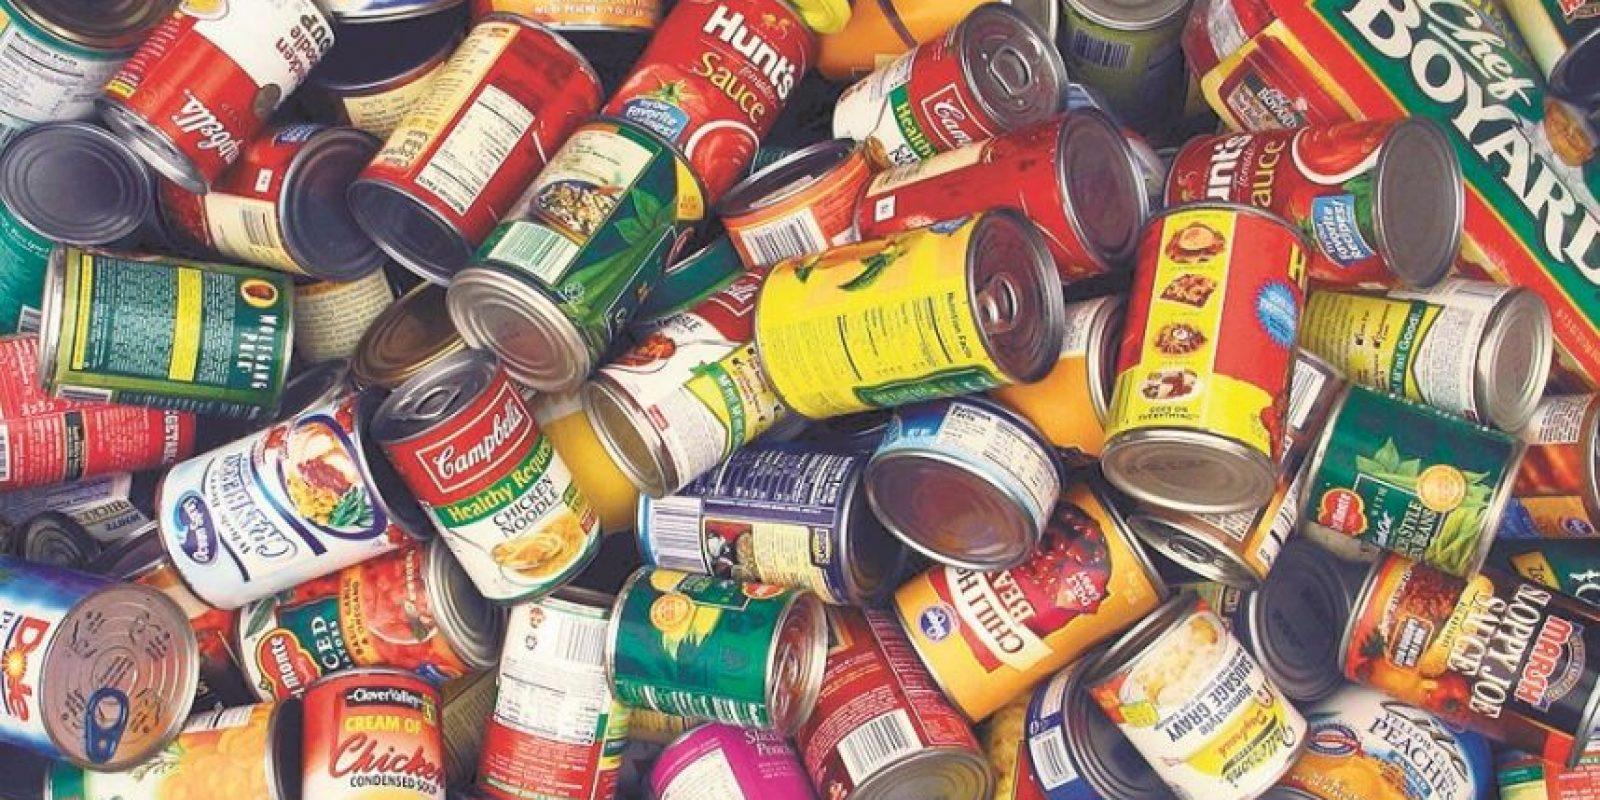 Abastecimiento de alimento. Es importante la alimentación, ya que no sabe cuánto tiempo tardarán las lluvias o si los suplidores de alimentos estarán abiertos o disponibles.• Agua embotellada. Se recomienda 1 galón por persona por día.• Alimentos que no se echan a perder. Comidas enlatadas, un abridor de latas, sopas enlatadas, leche enlatada, bebidas en polvo o envasadas individuales, cereales y galletitas.• Platos y vasos. Los utensilios desechables pueden ser útiles, principalemente ante la escases de agua para la limpieza. Foto:Fuente externa